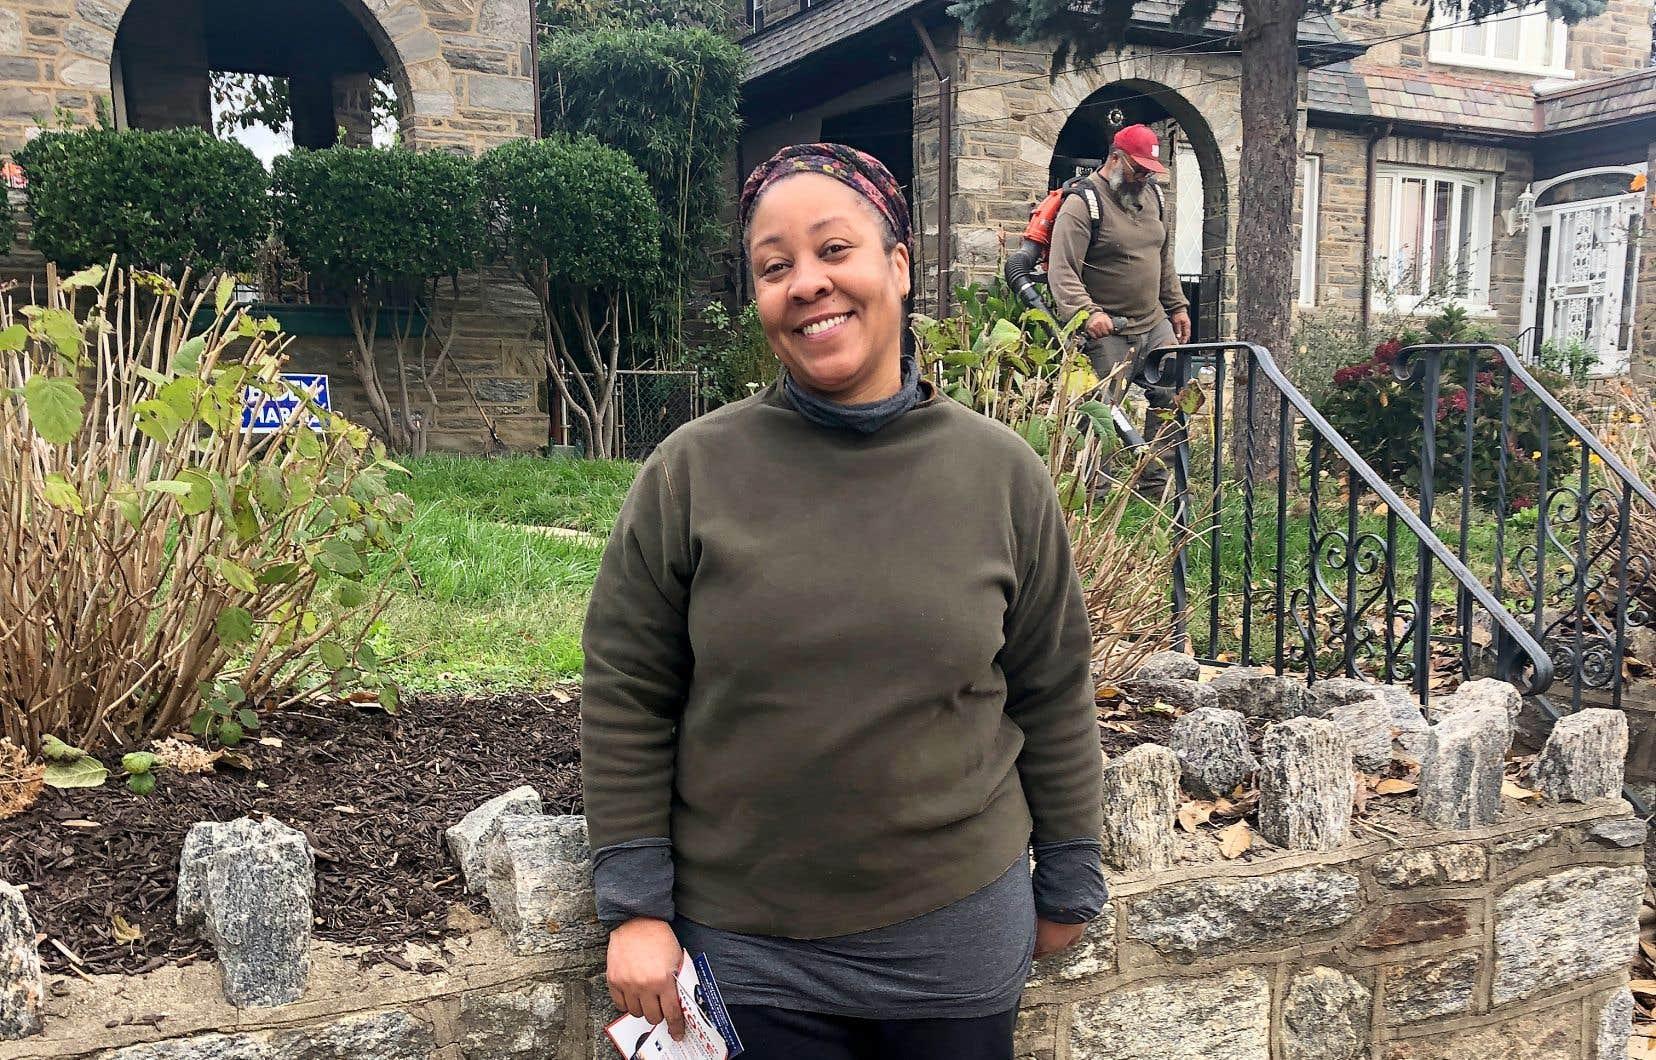 Heather Tucker-Holdin devant son mari et sa souffleuse à feuilles, en banlieue de Philadelphie